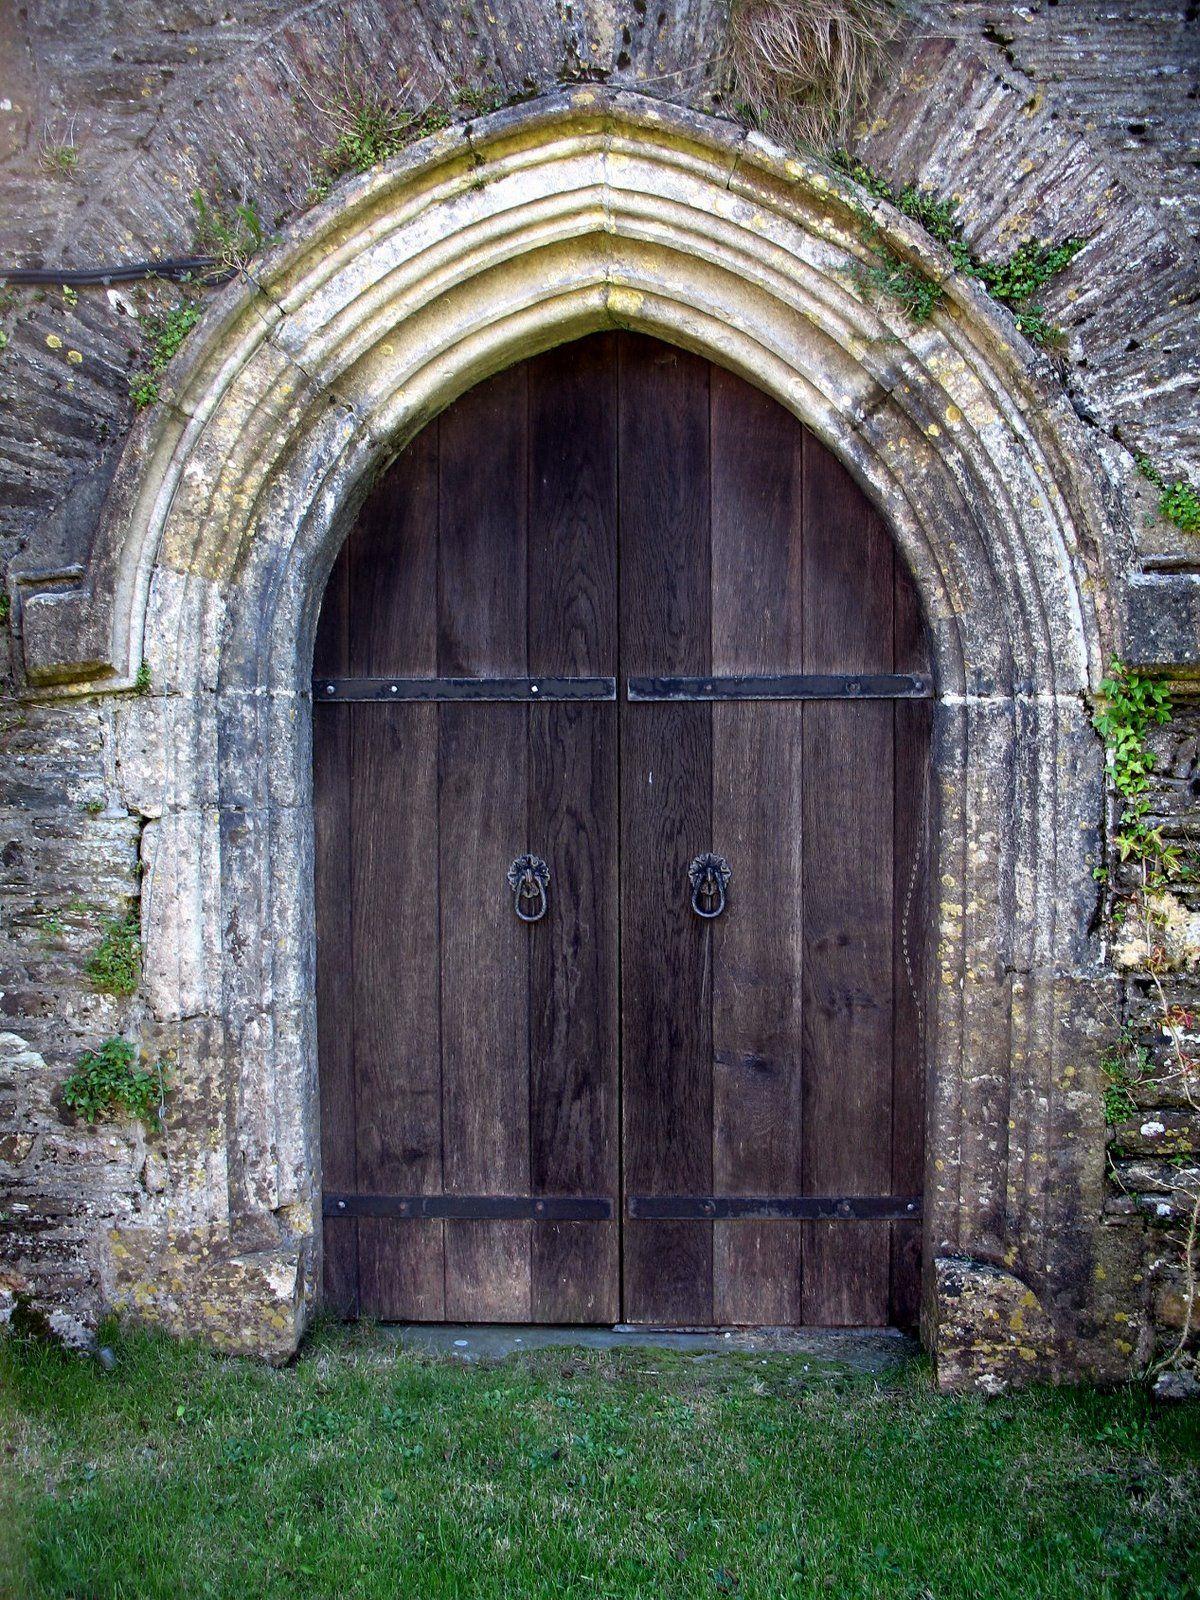 Antique Church Doors - Antique Church Doors Antique Furniture